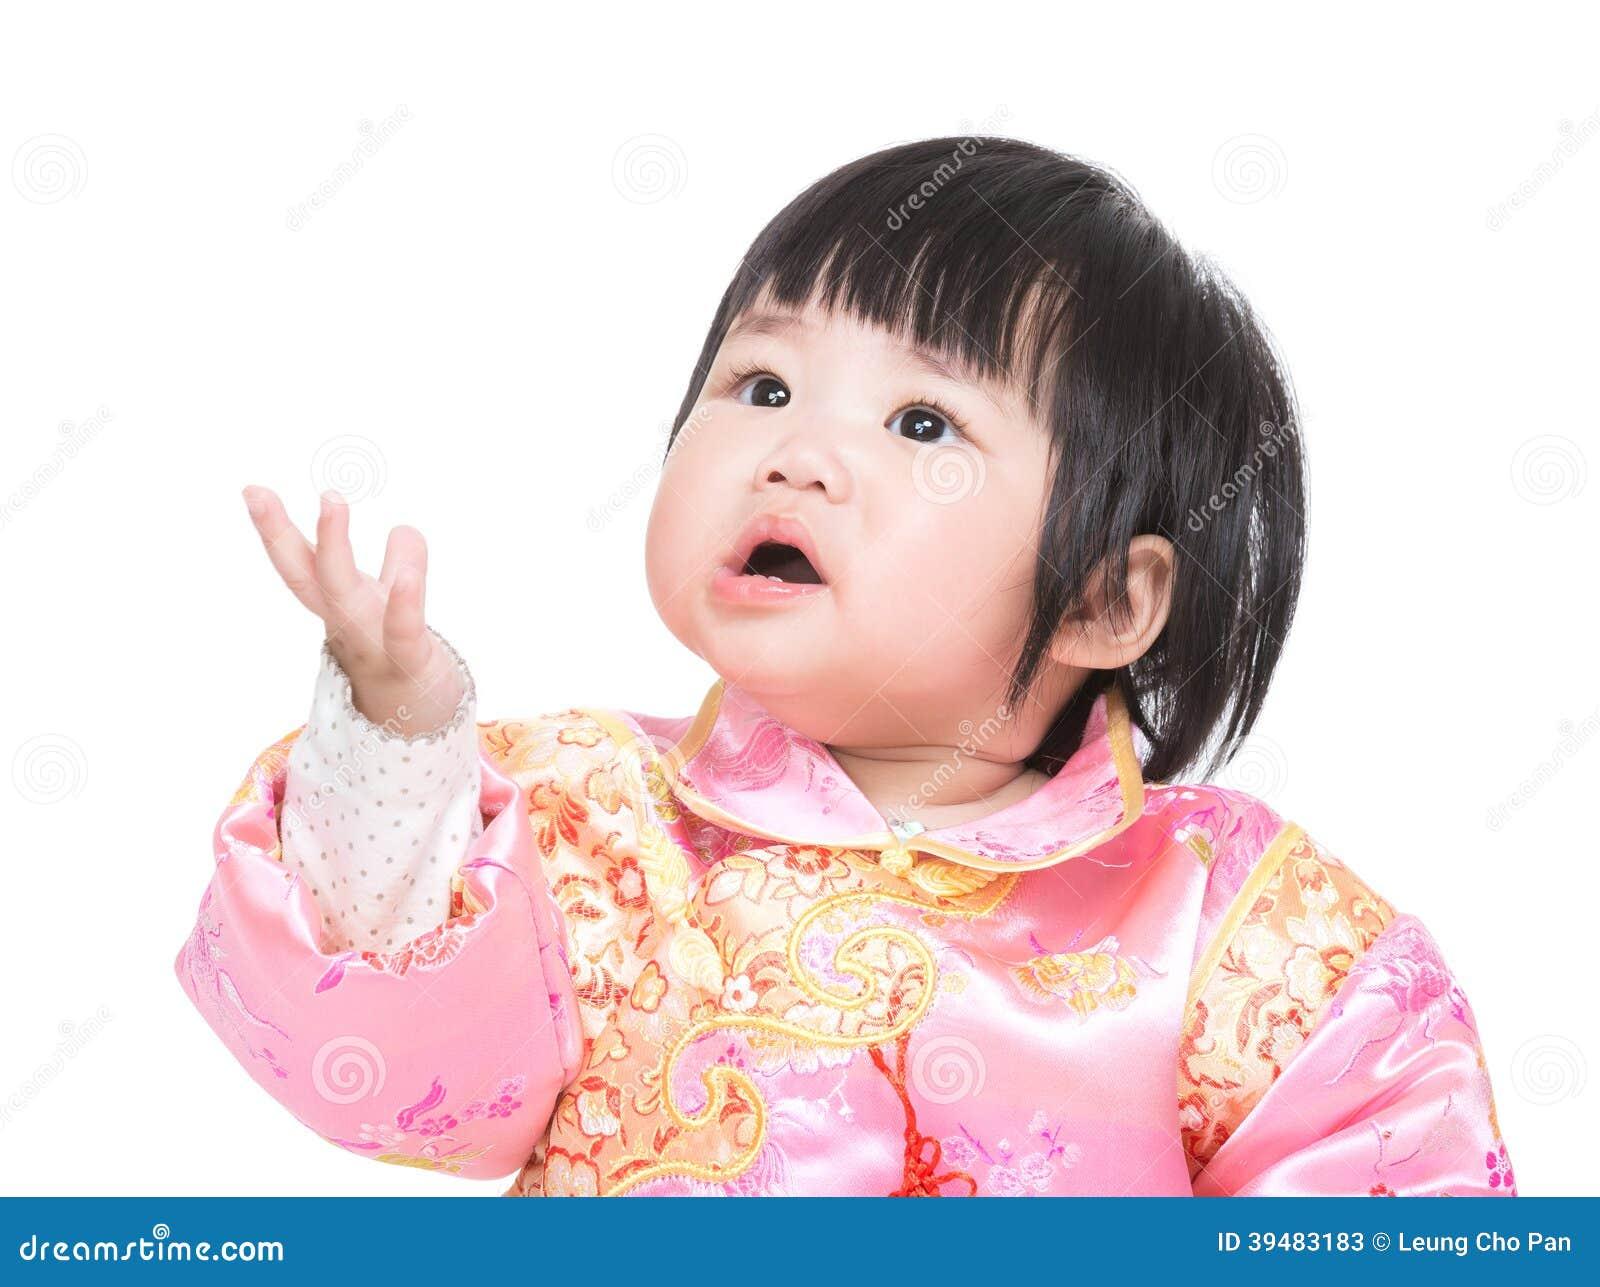 Китайский ребёнок дает до свидания поцелуй